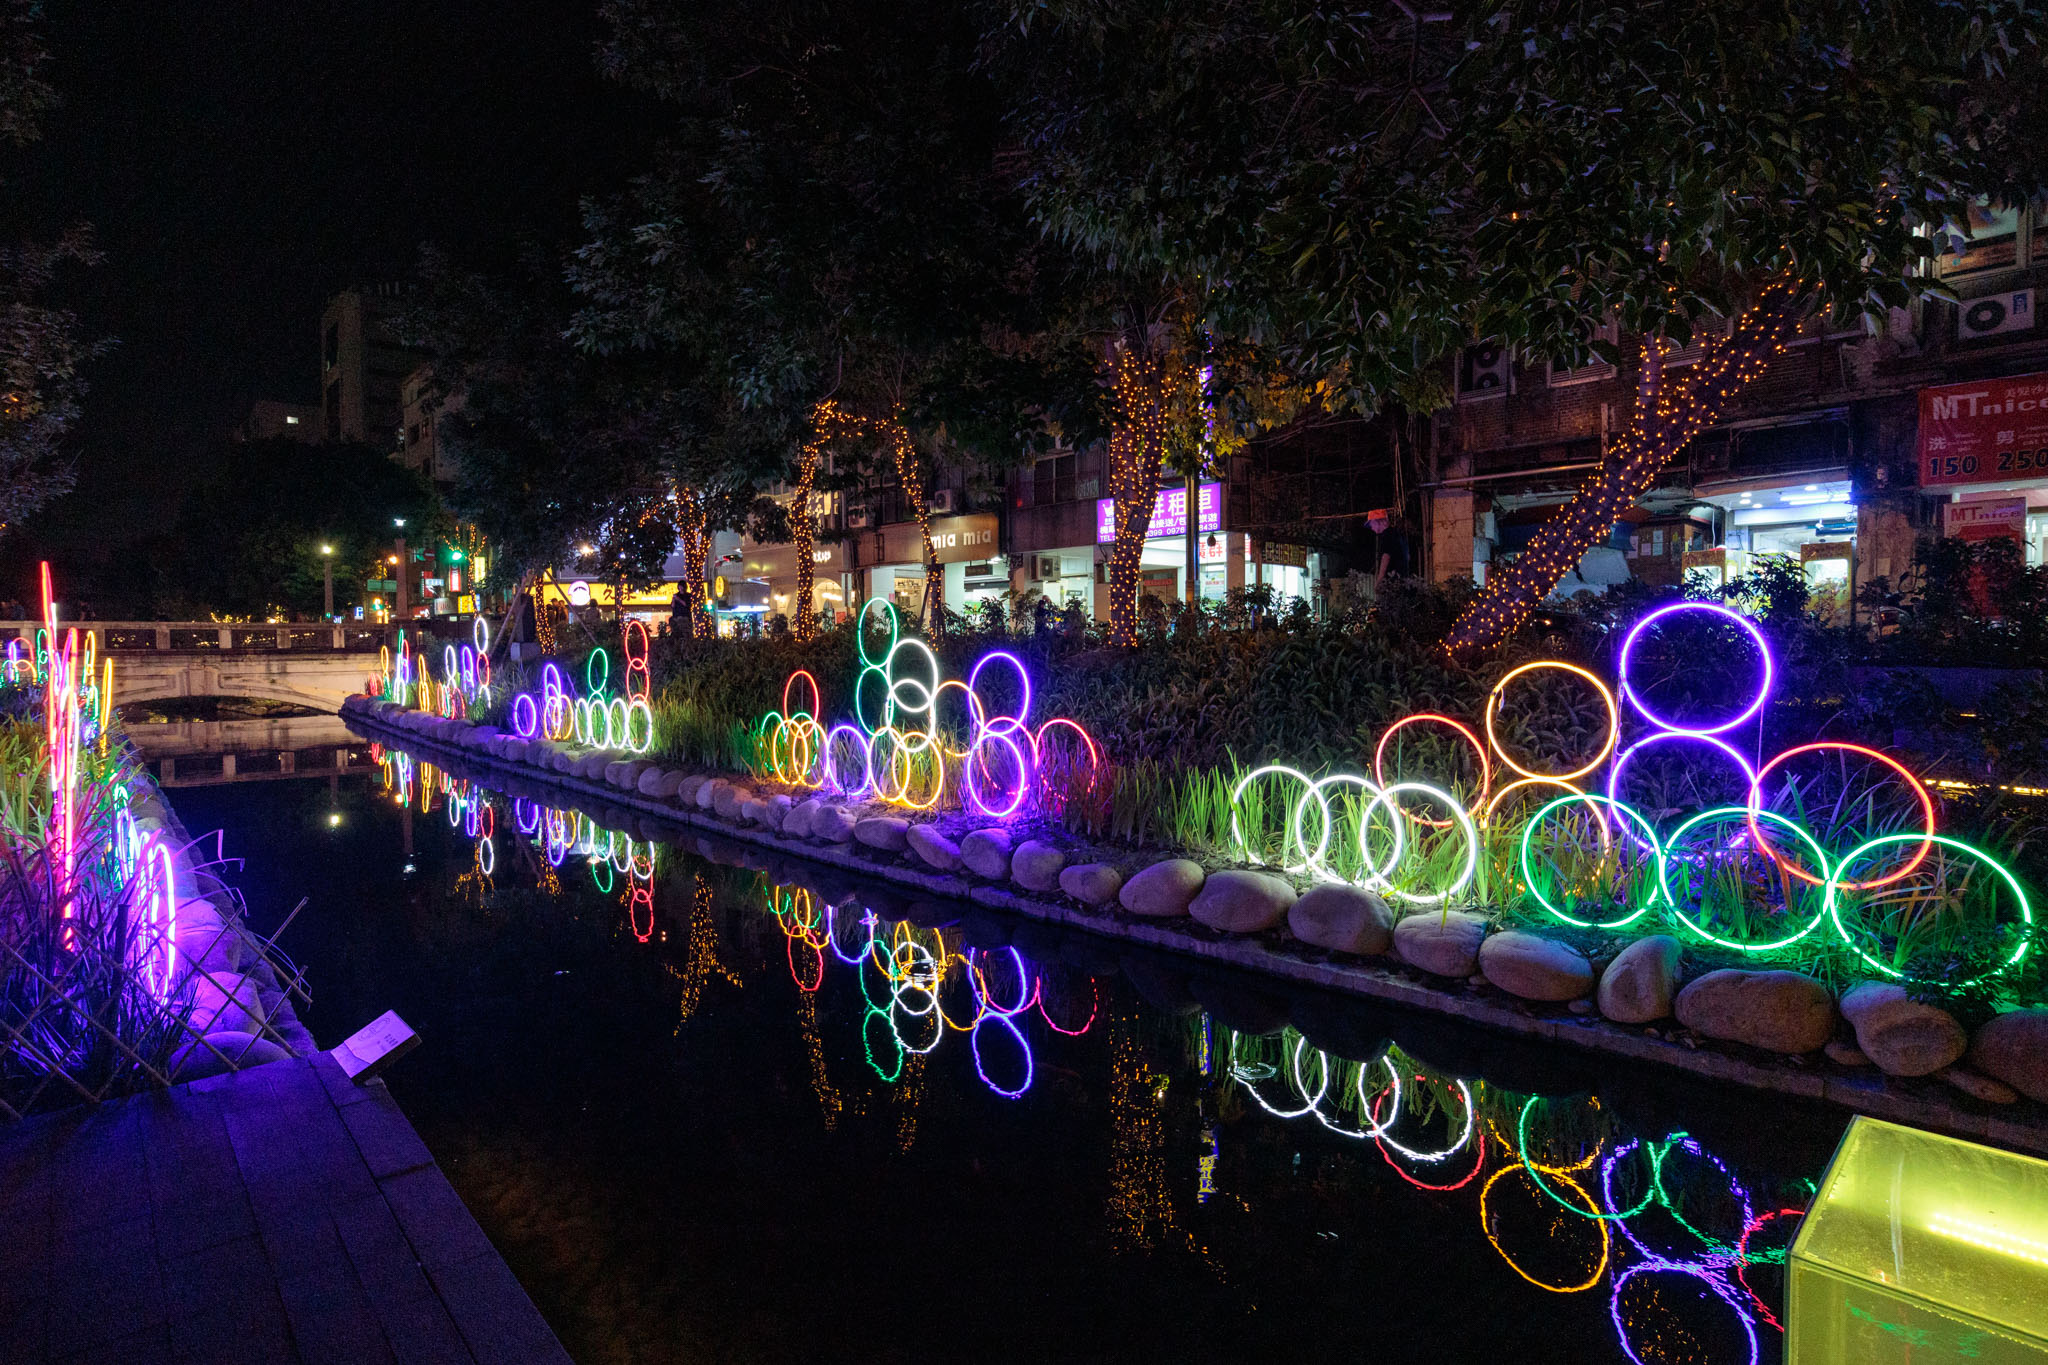 |台中。中區|點亮.綠柳川創意光景藝術展-超美浪漫燈海打卡熱點!